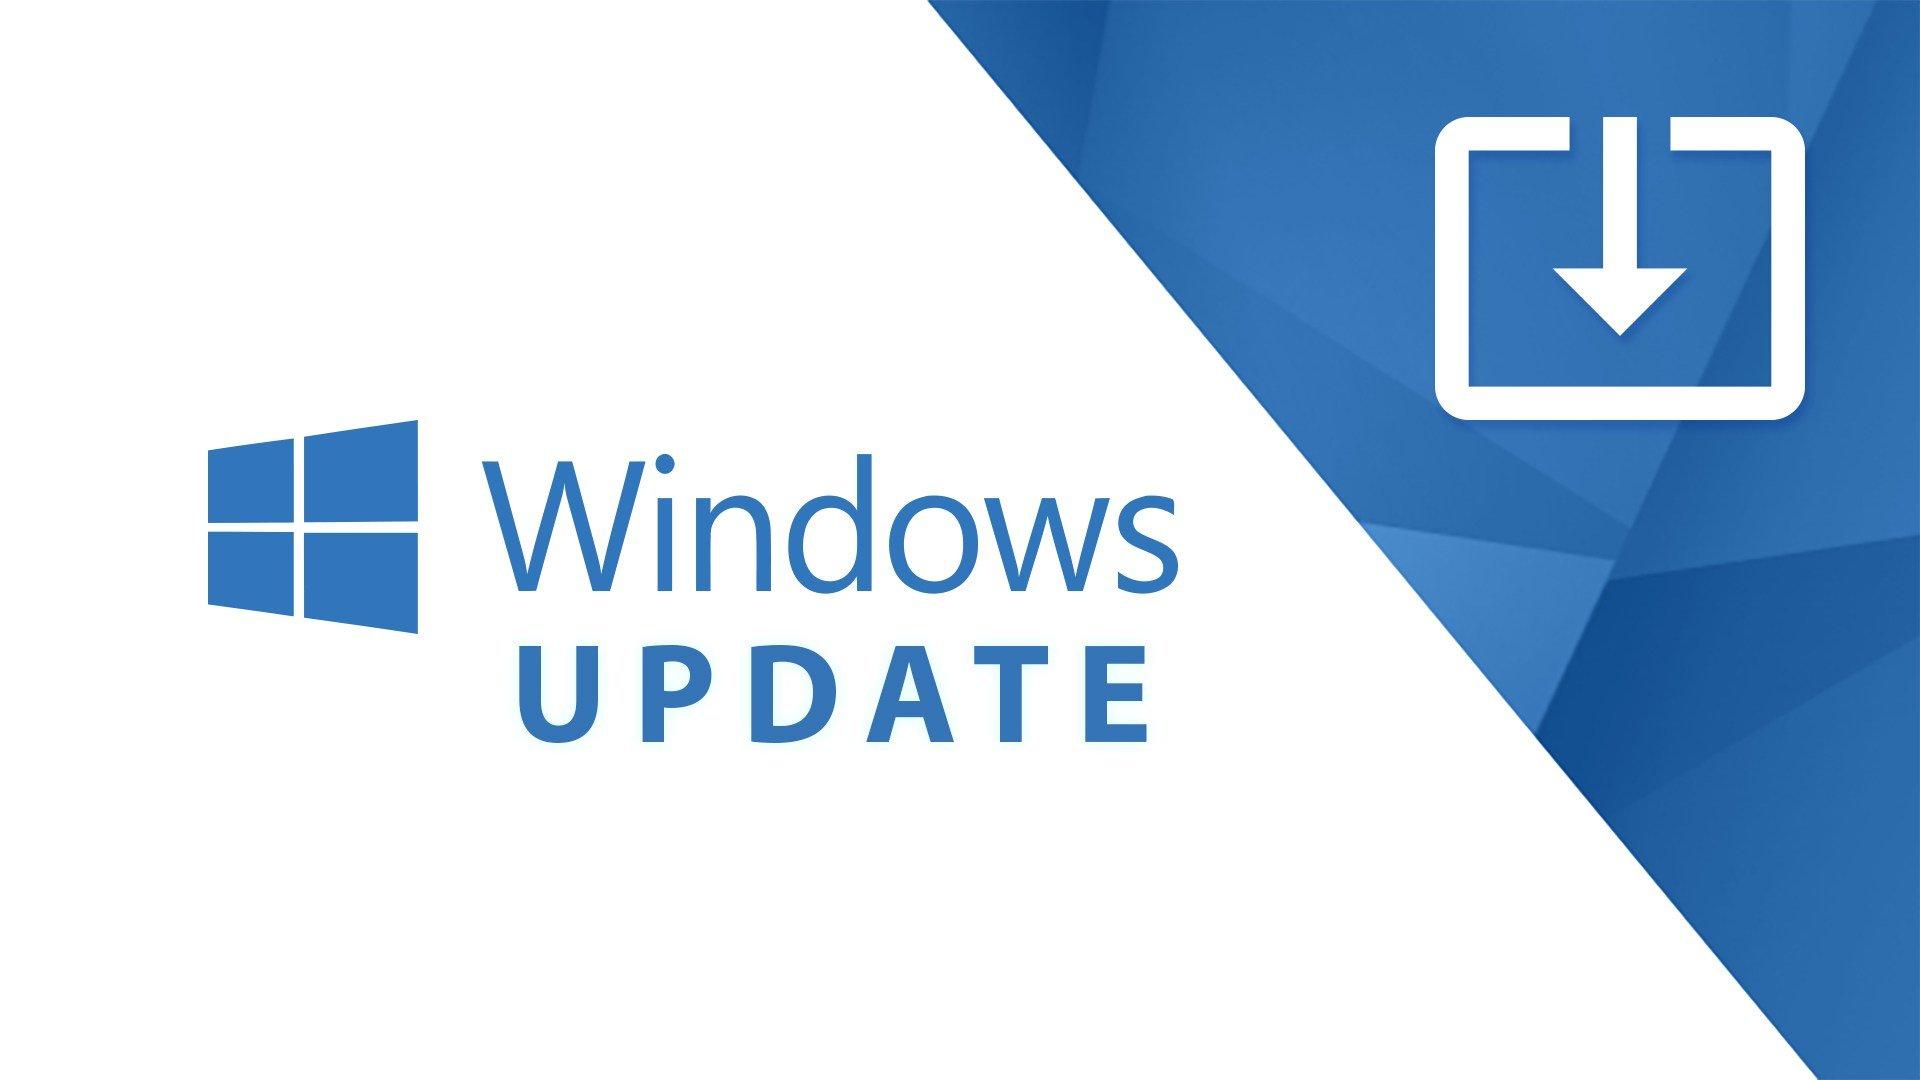 Windows 10: Neues Update löst Probleme mit Abstürzen, BSOD & Co.